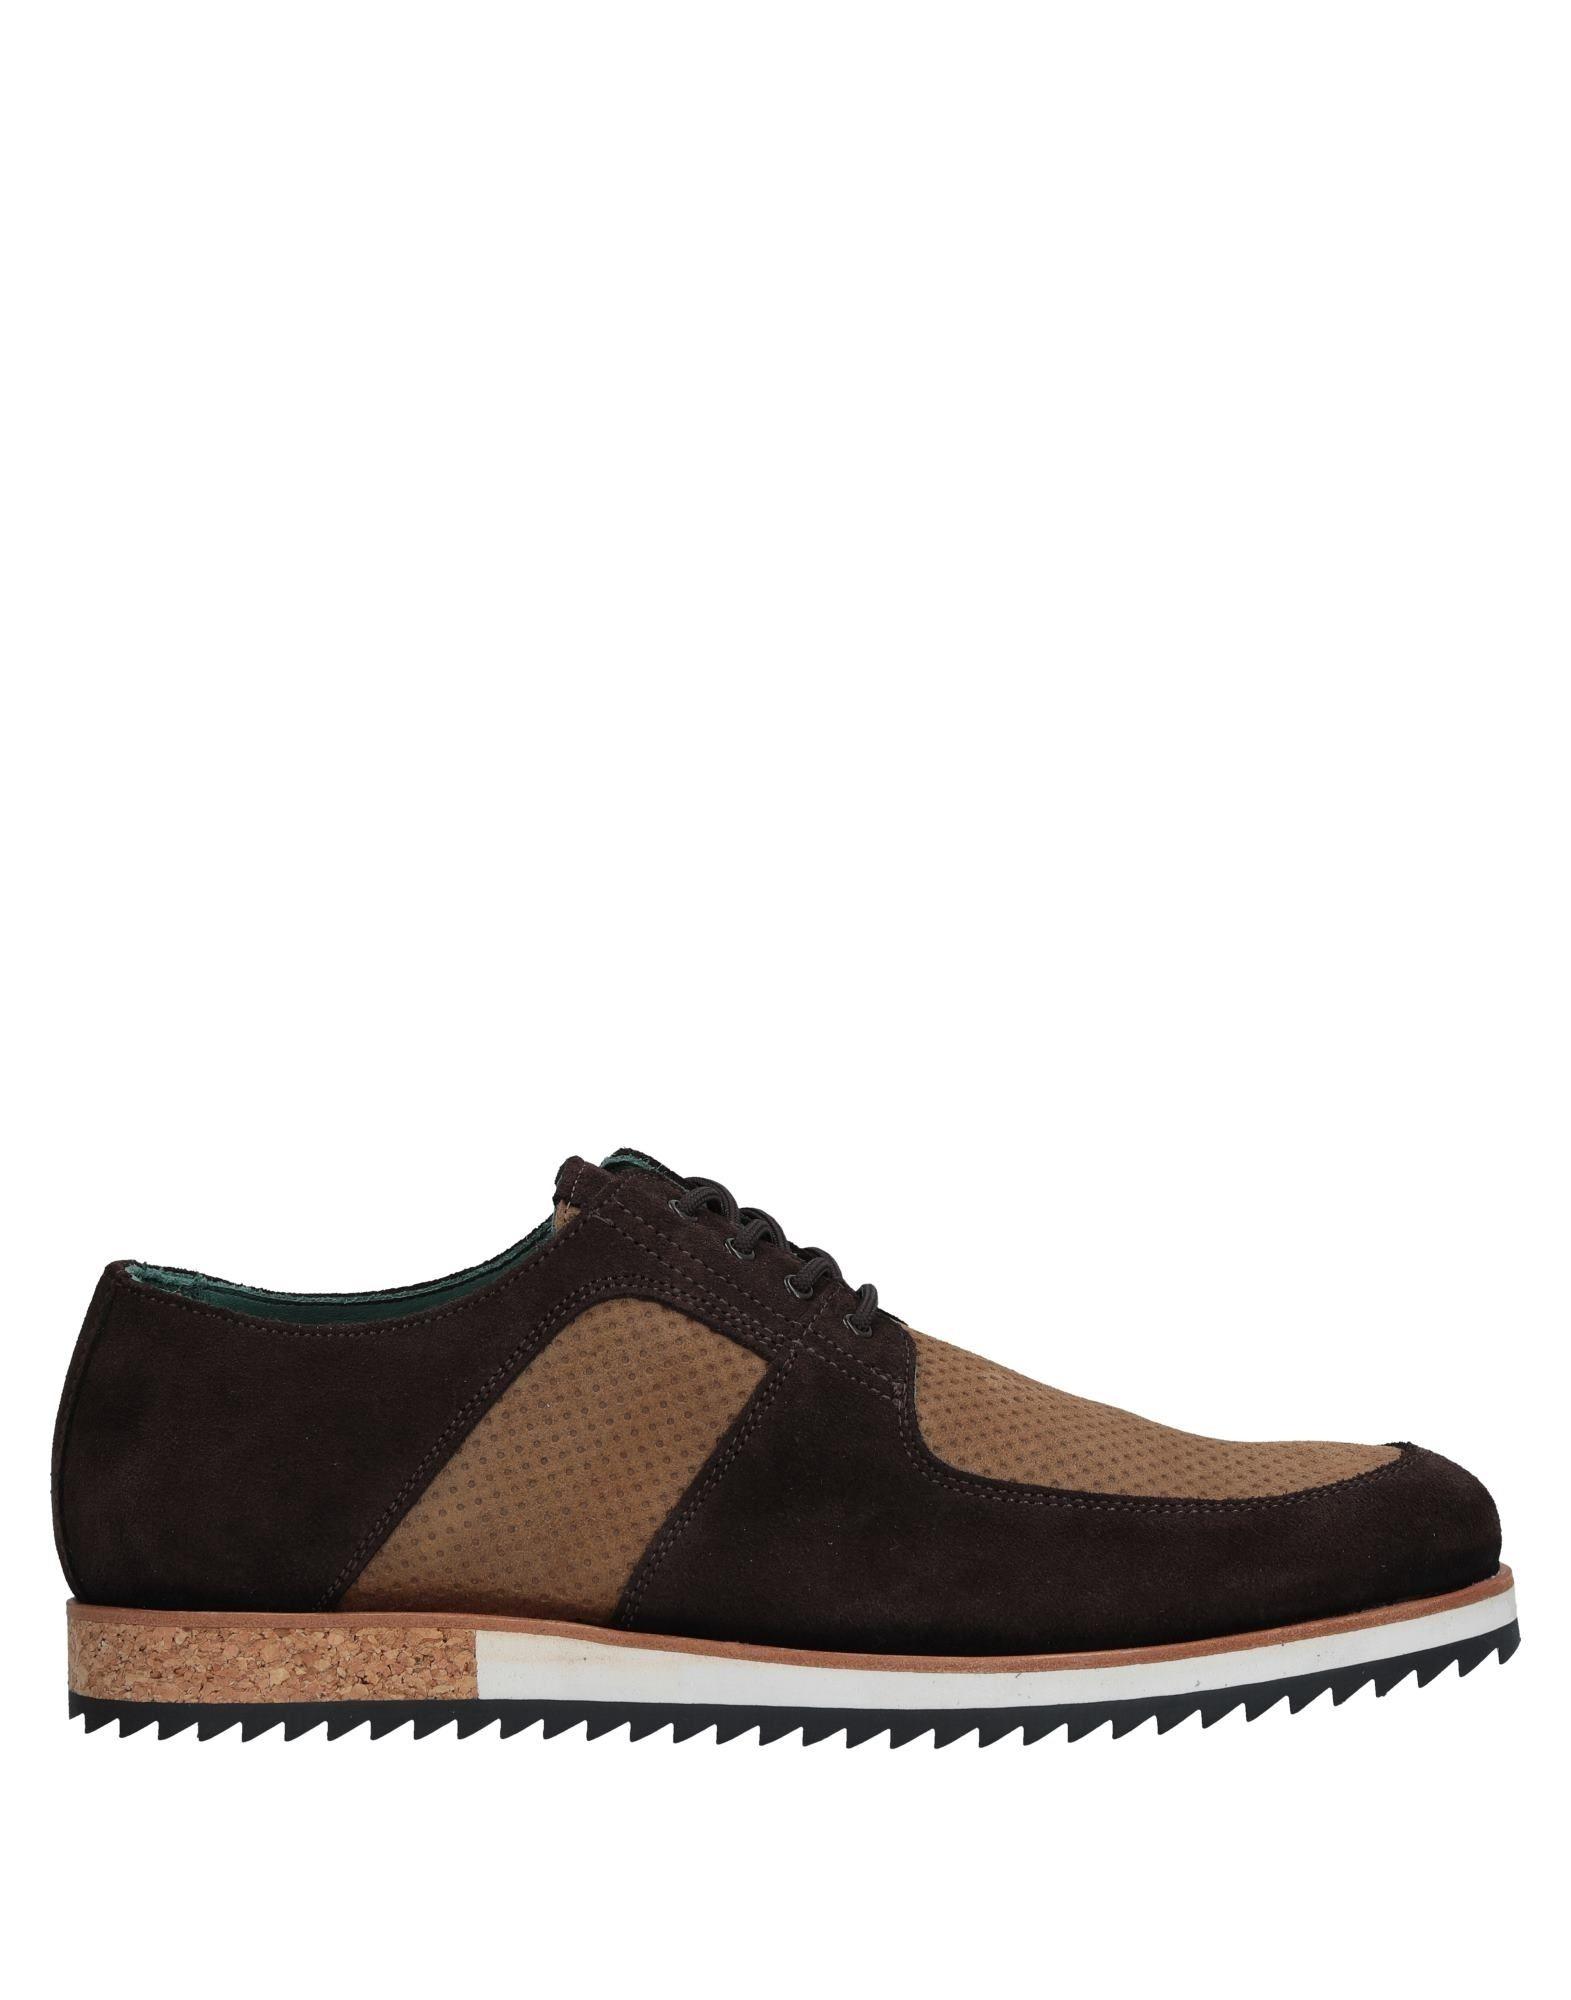 Exceed Sneakers Herren  11524709MV Gute Qualität beliebte Schuhe